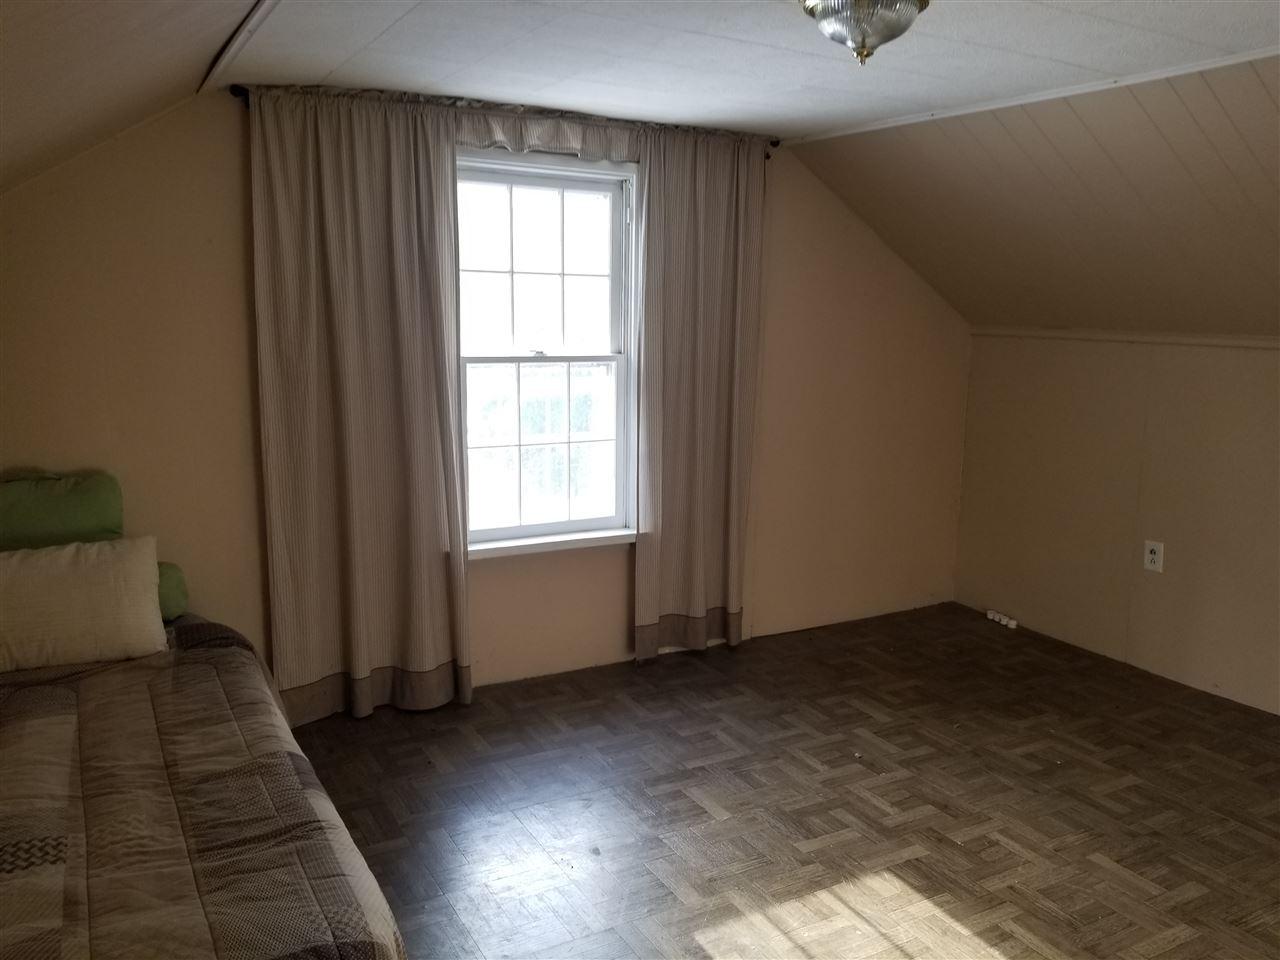 Bedroom - second floor 11300850